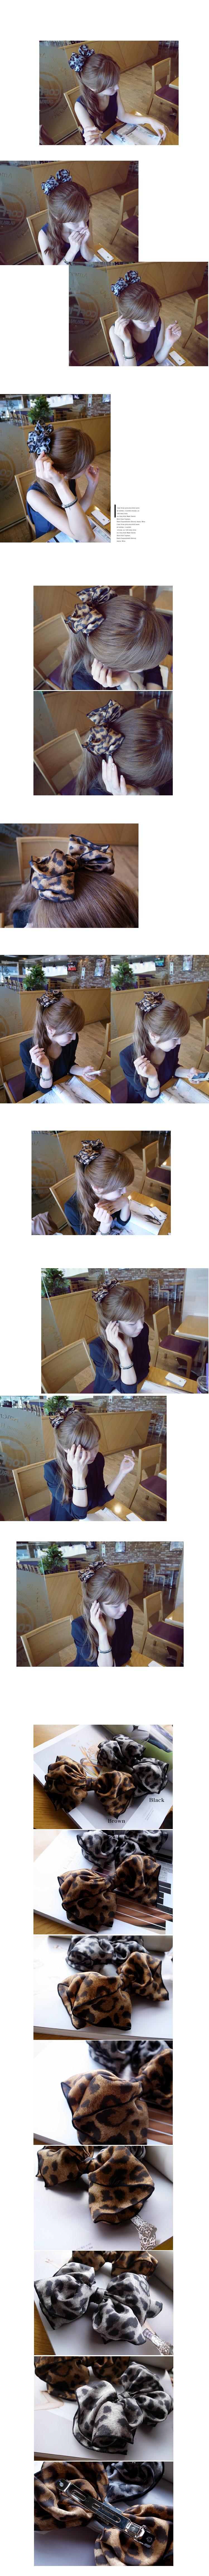 韓國 NaniWorld 氣質美女絲巾髮夾 #1956 黑色斑點